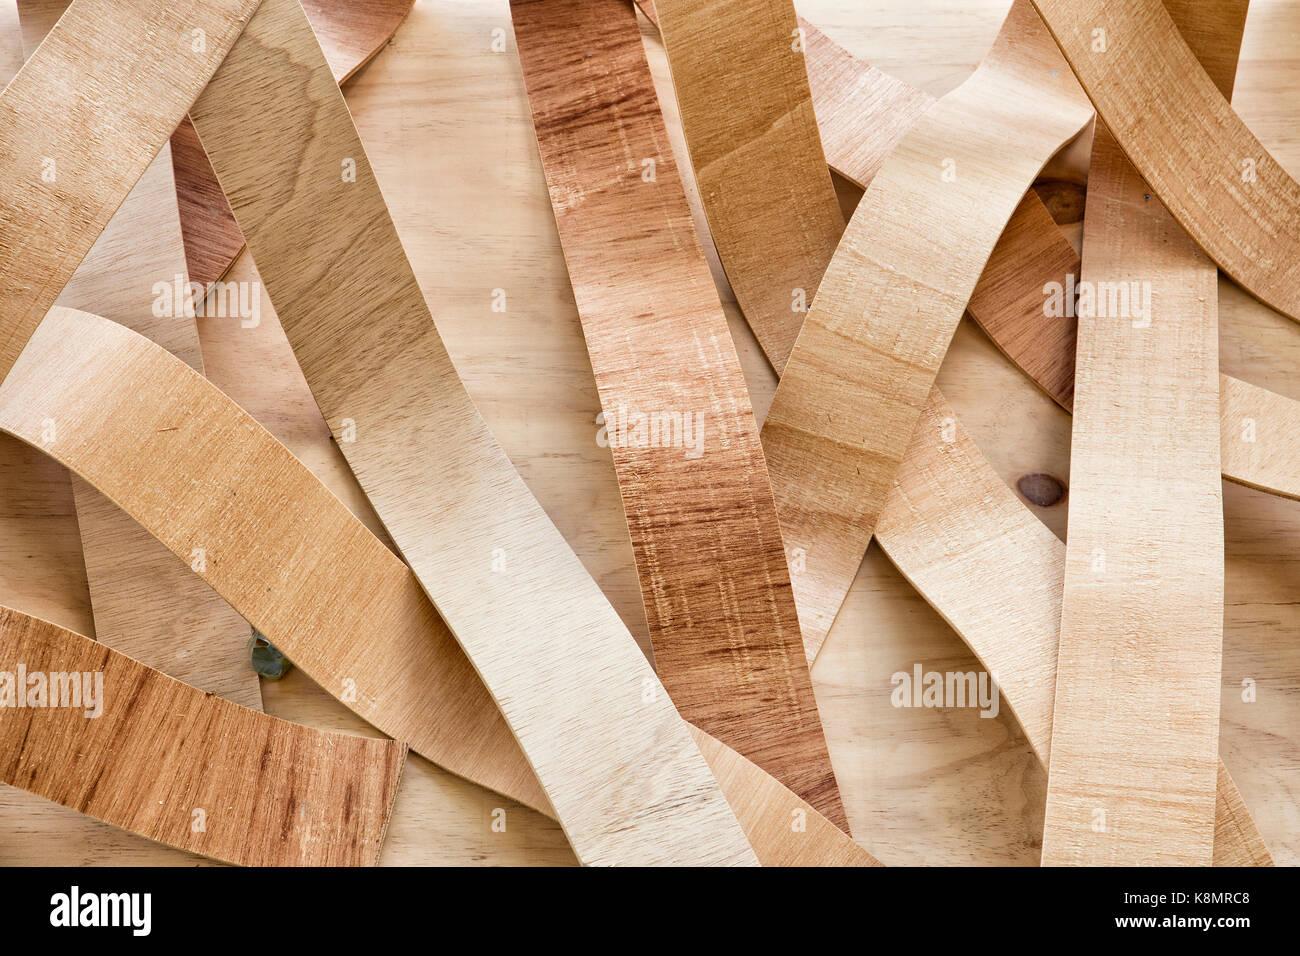 Hojas de madera ondulada decorar una pared Imagen De Stock